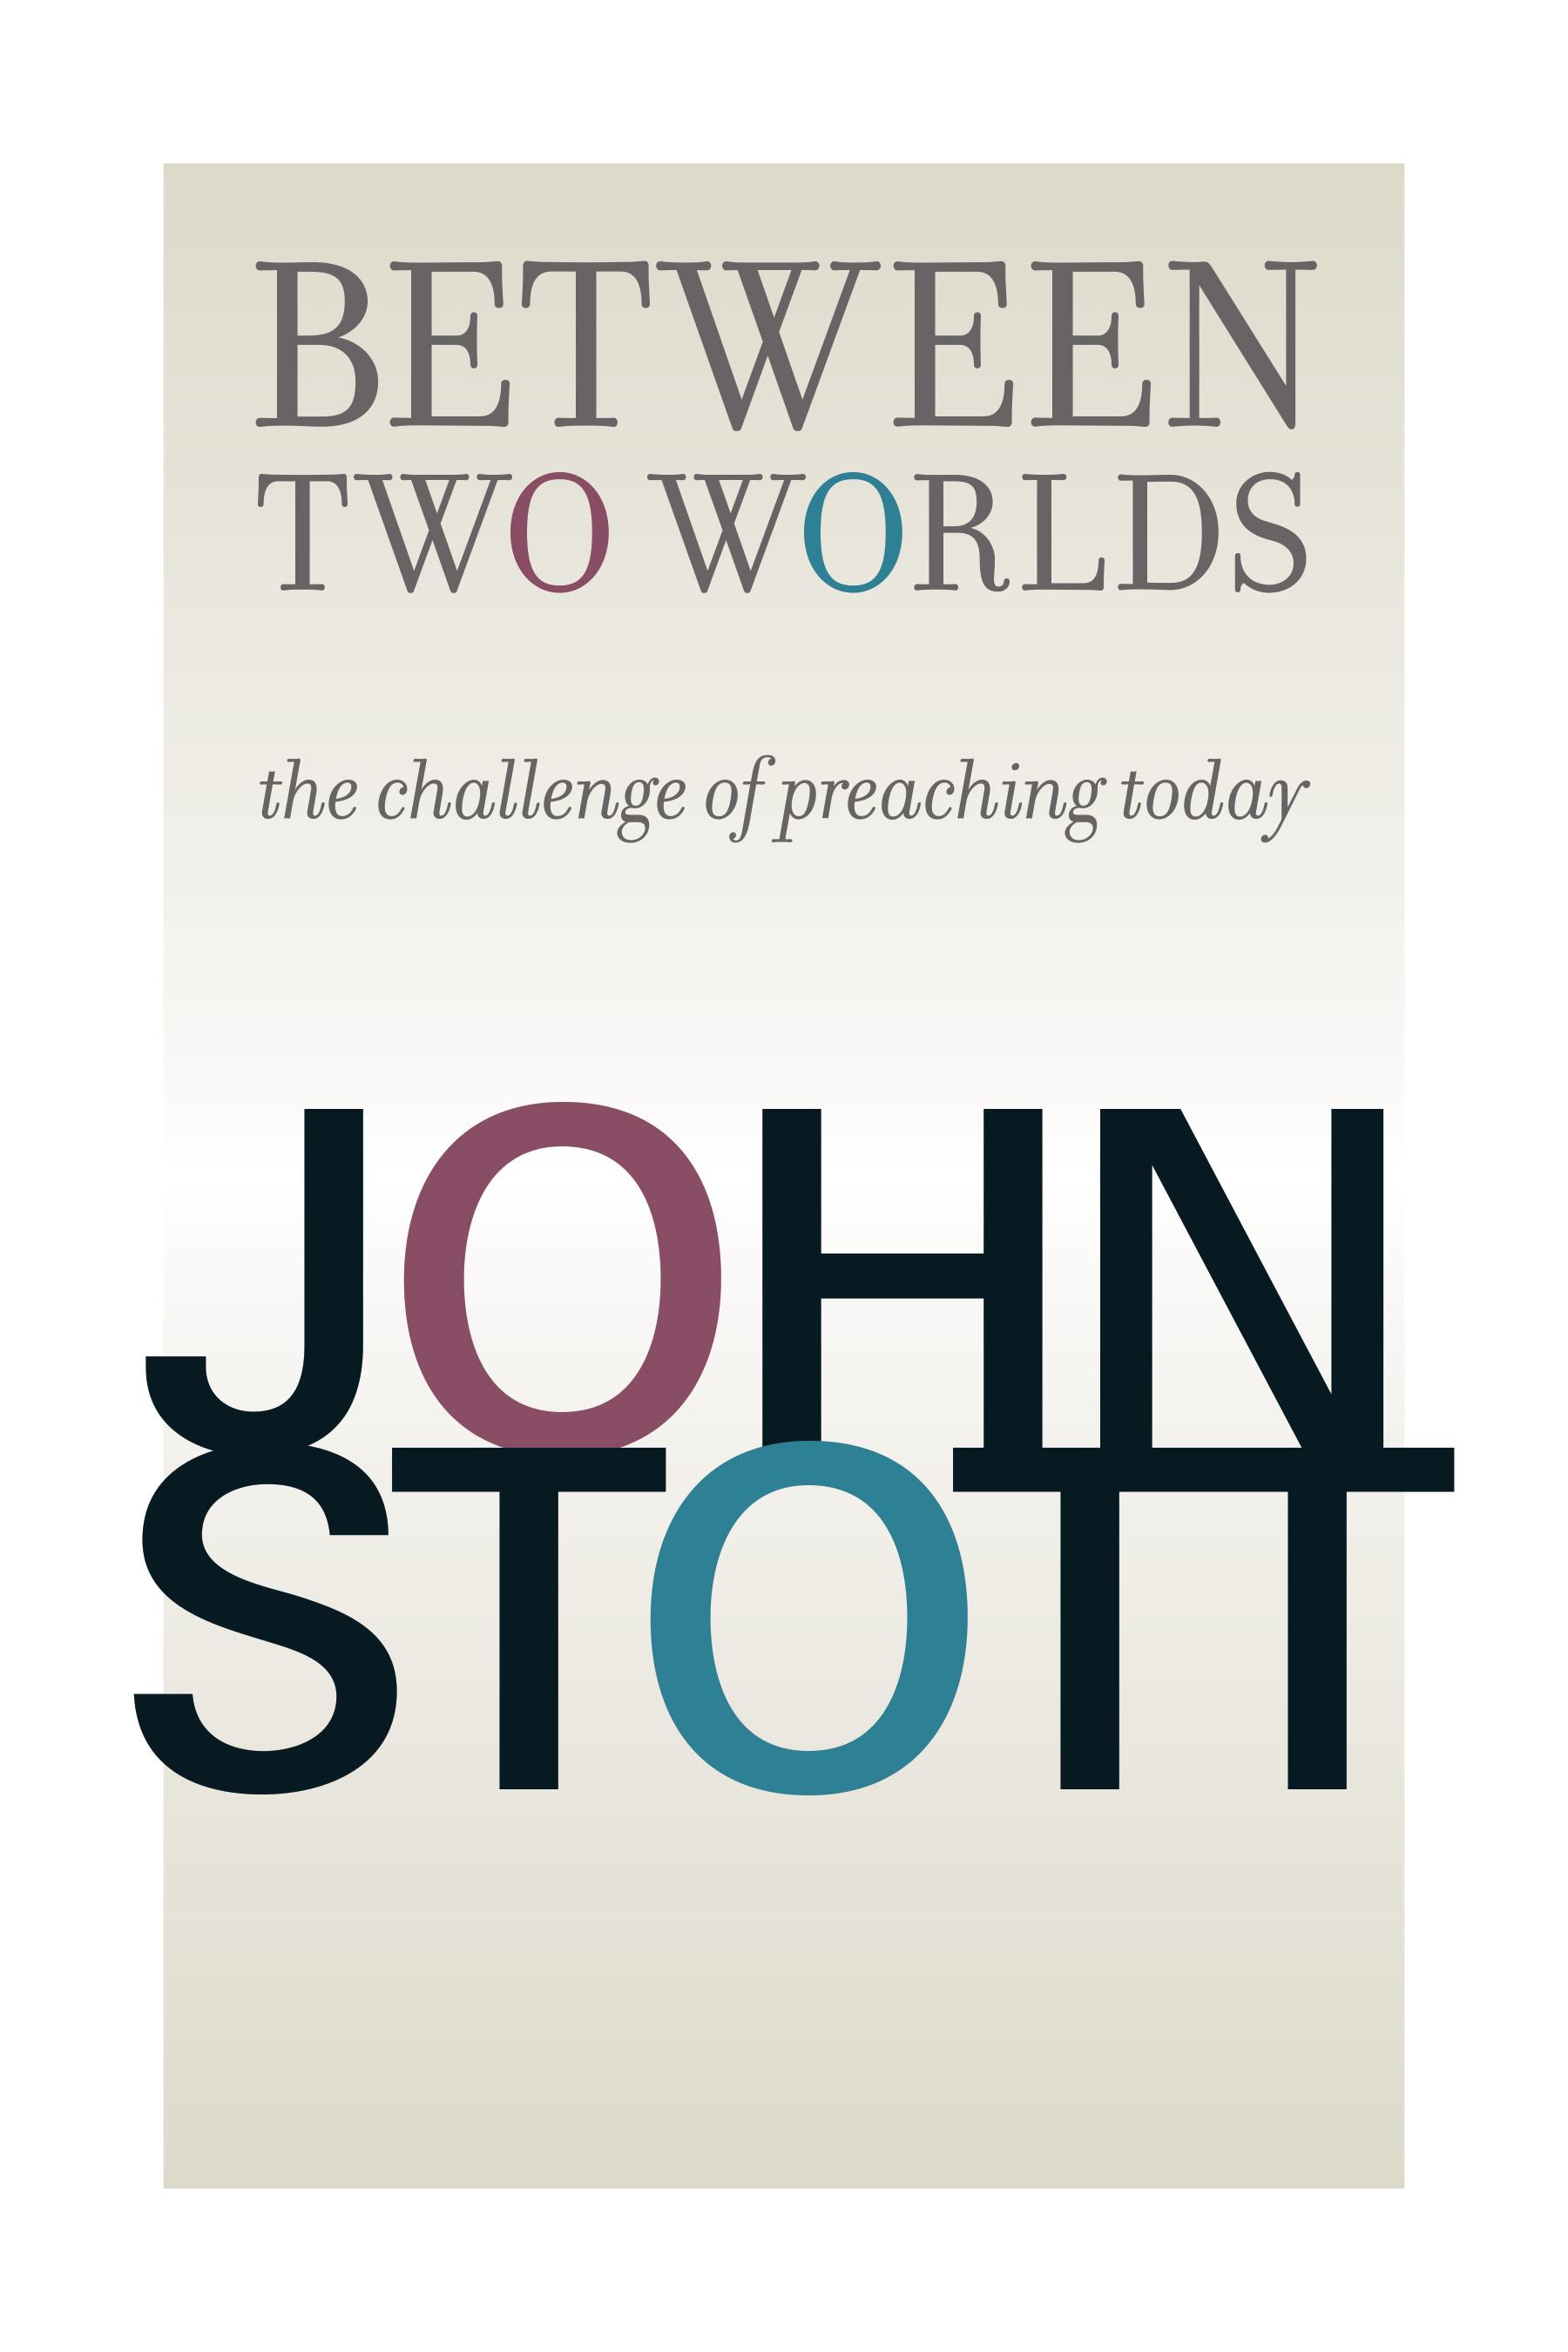 Between Two Worlds - John Stott : Eerdmans